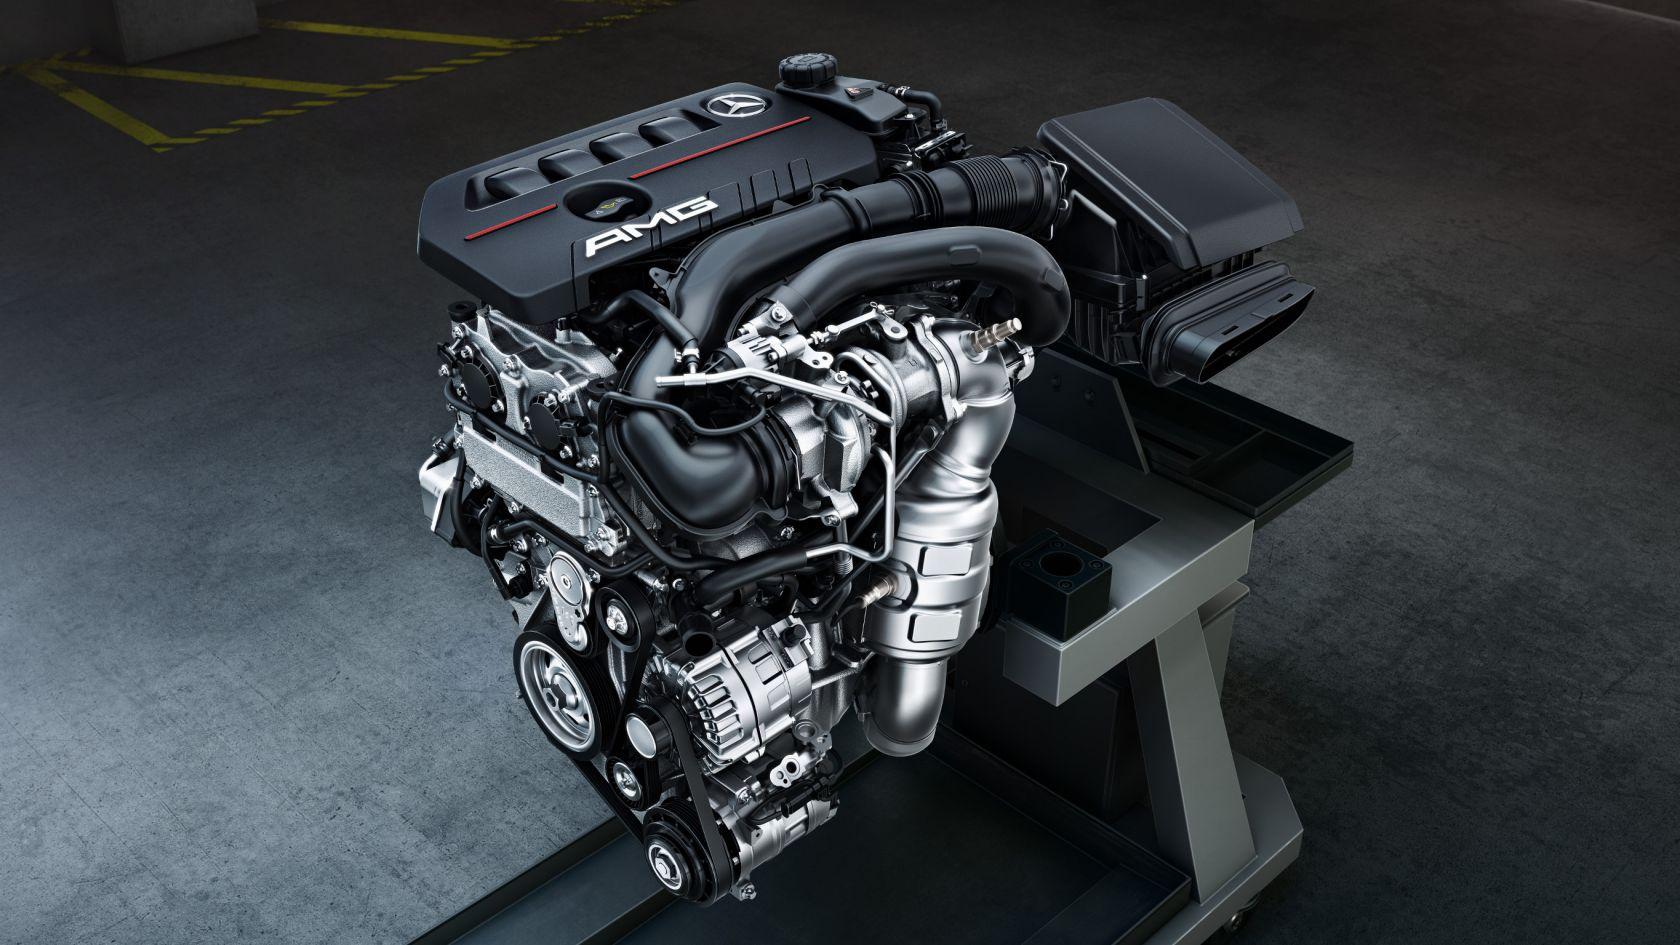 Турбодвигатель с четырьмя цилиндрами